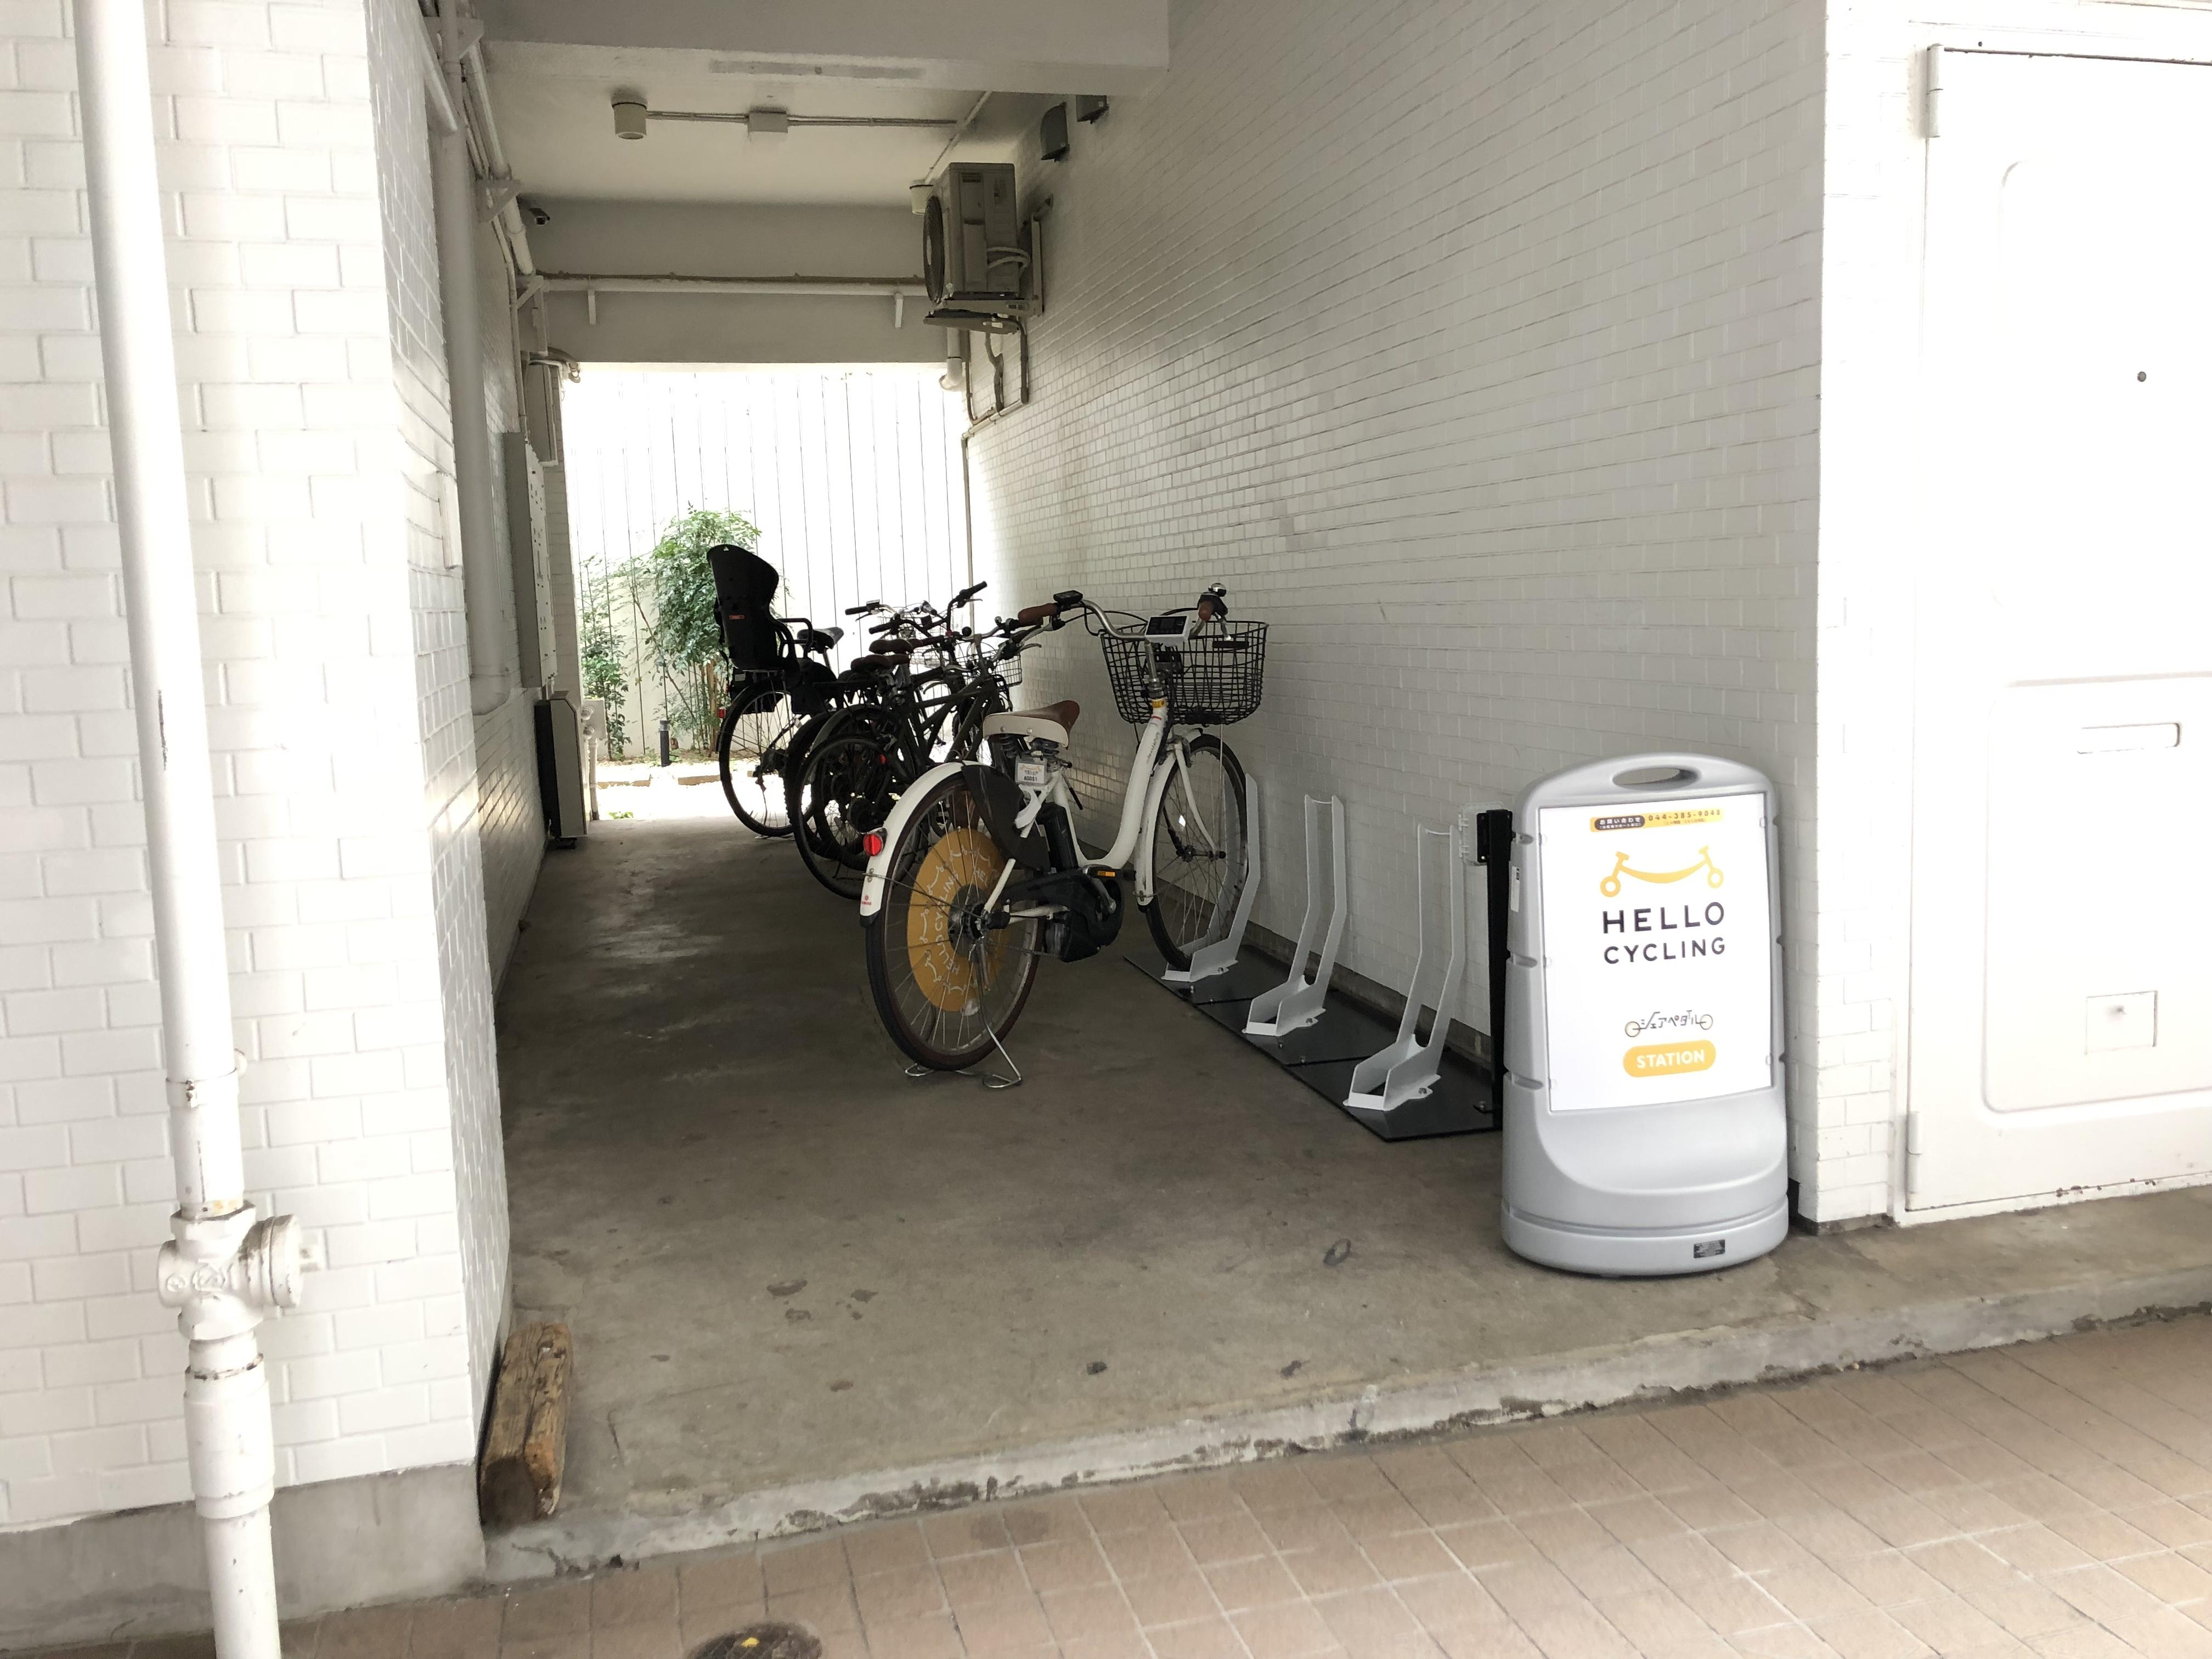 ヤマトハイツ 恵比寿1丁目 (HELLO CYCLING ポート) image